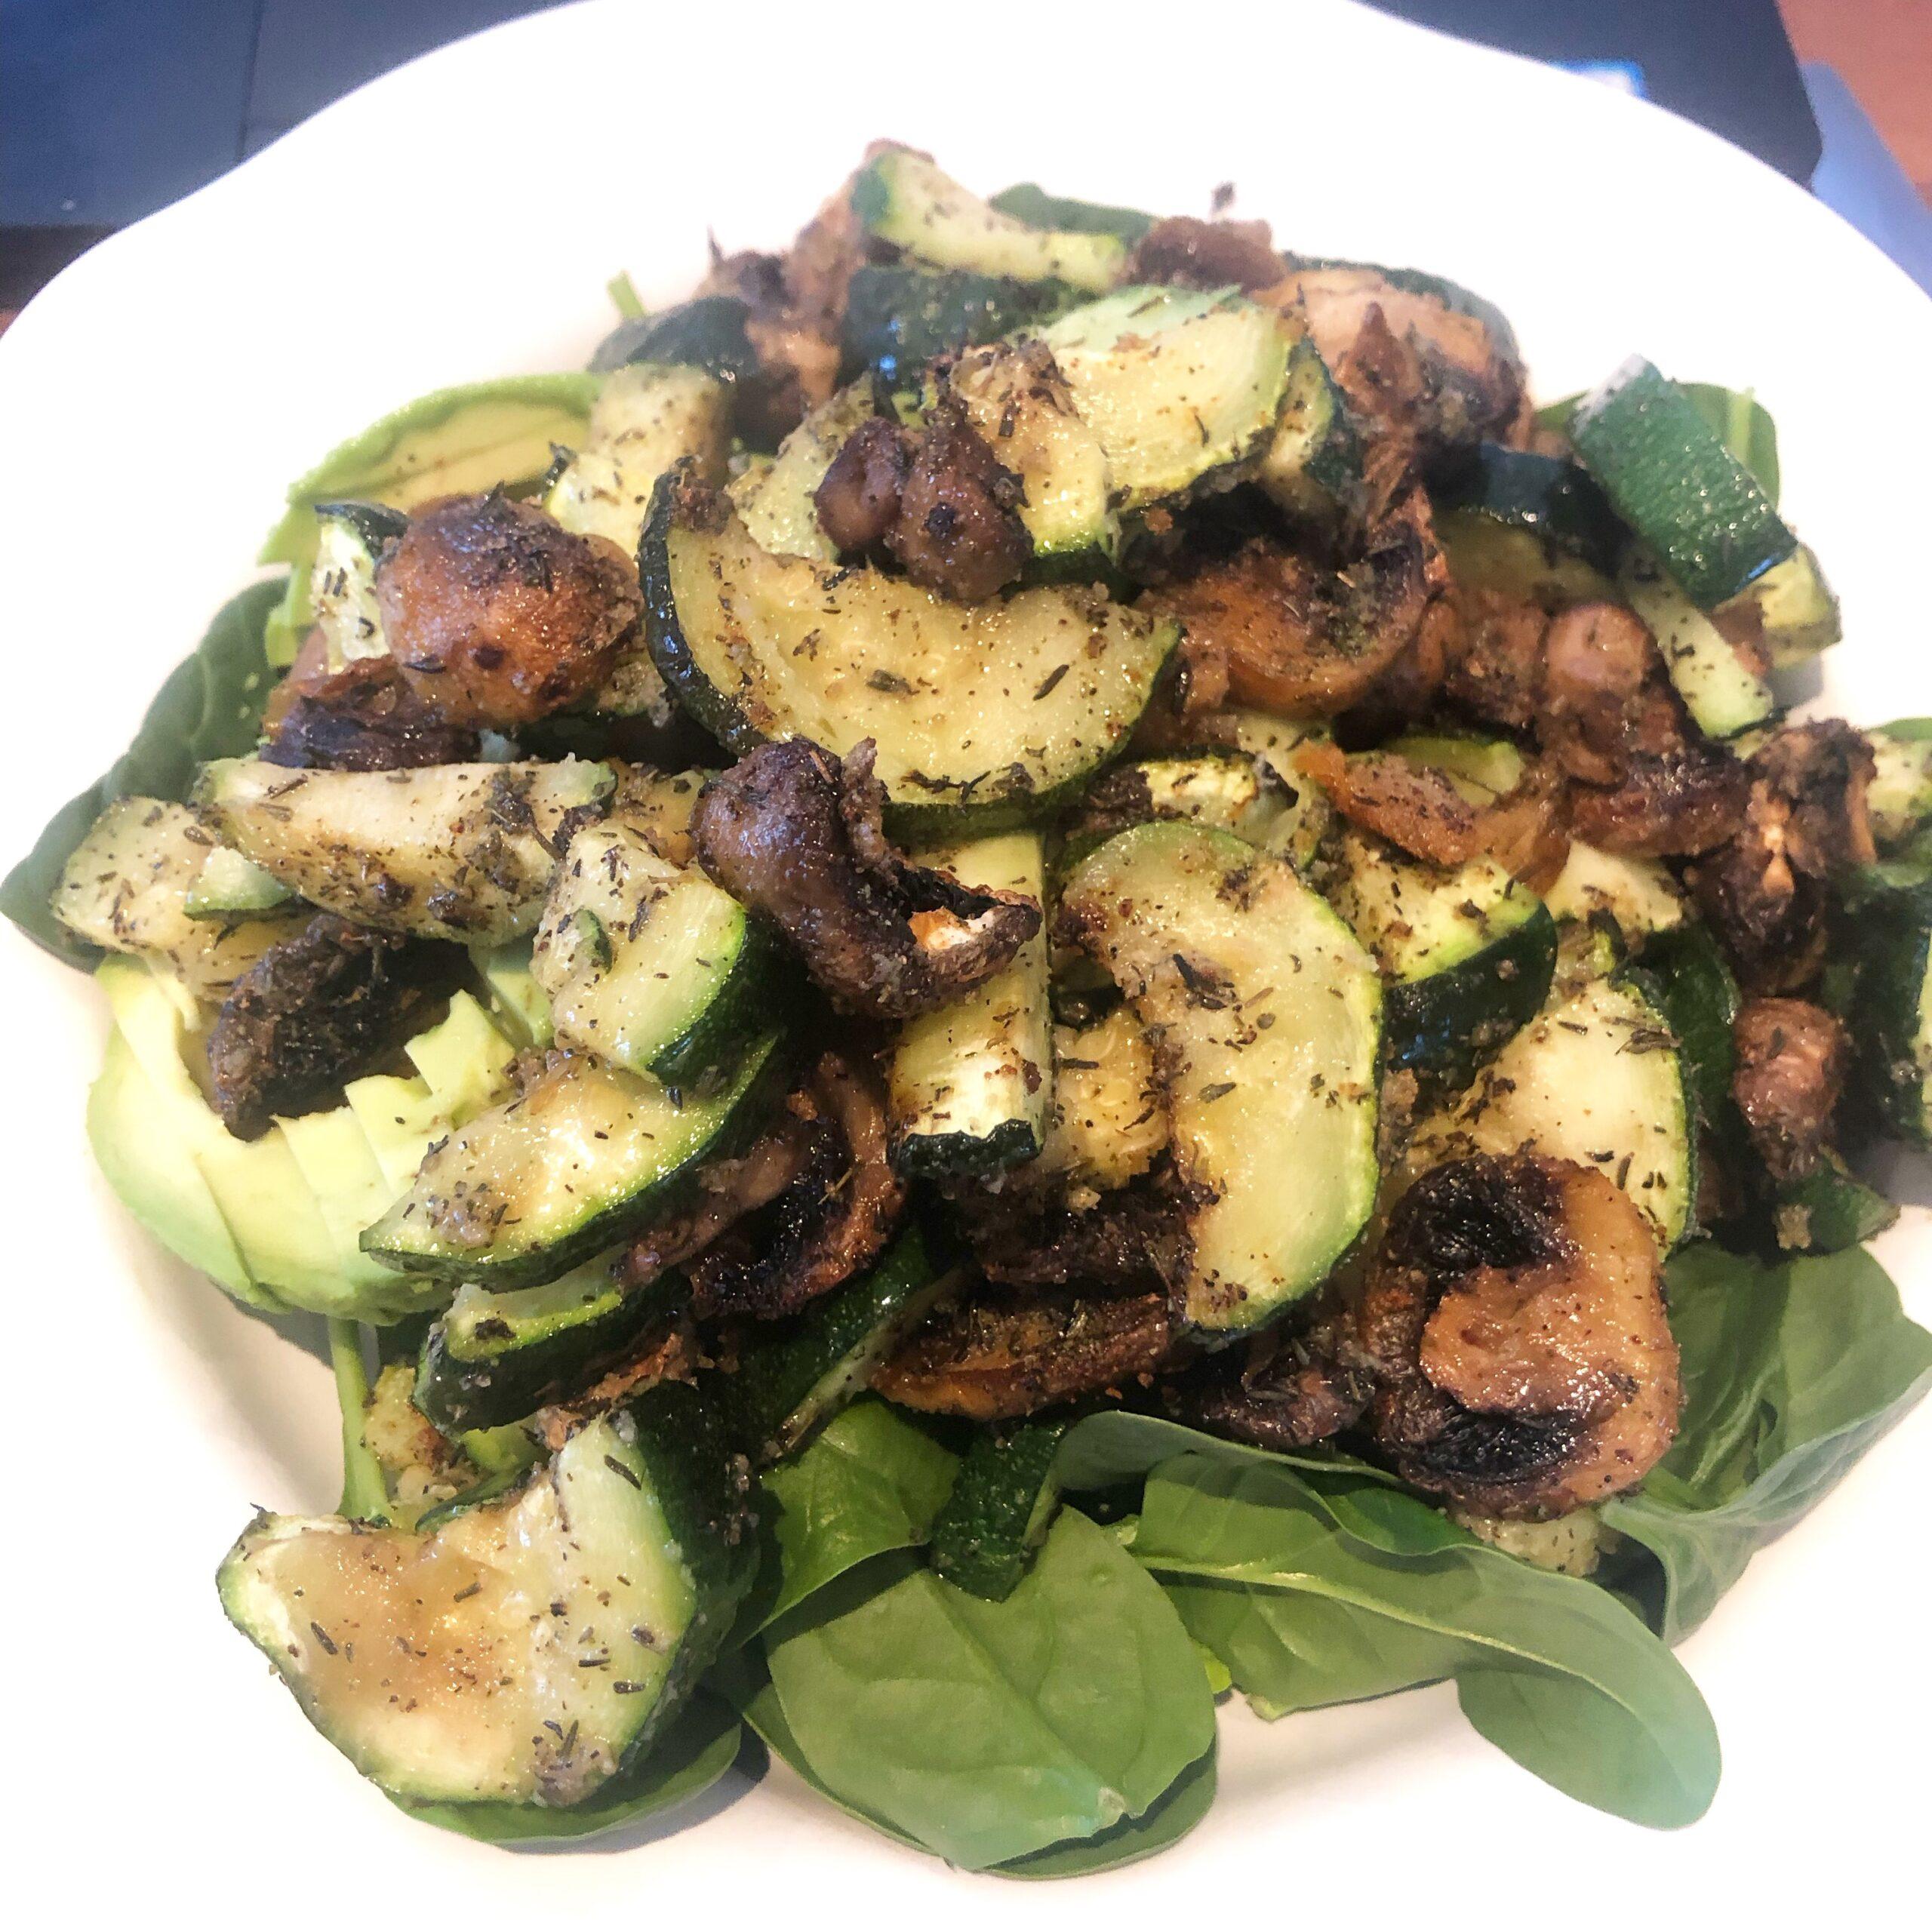 Recipe of vegan AIP fast food